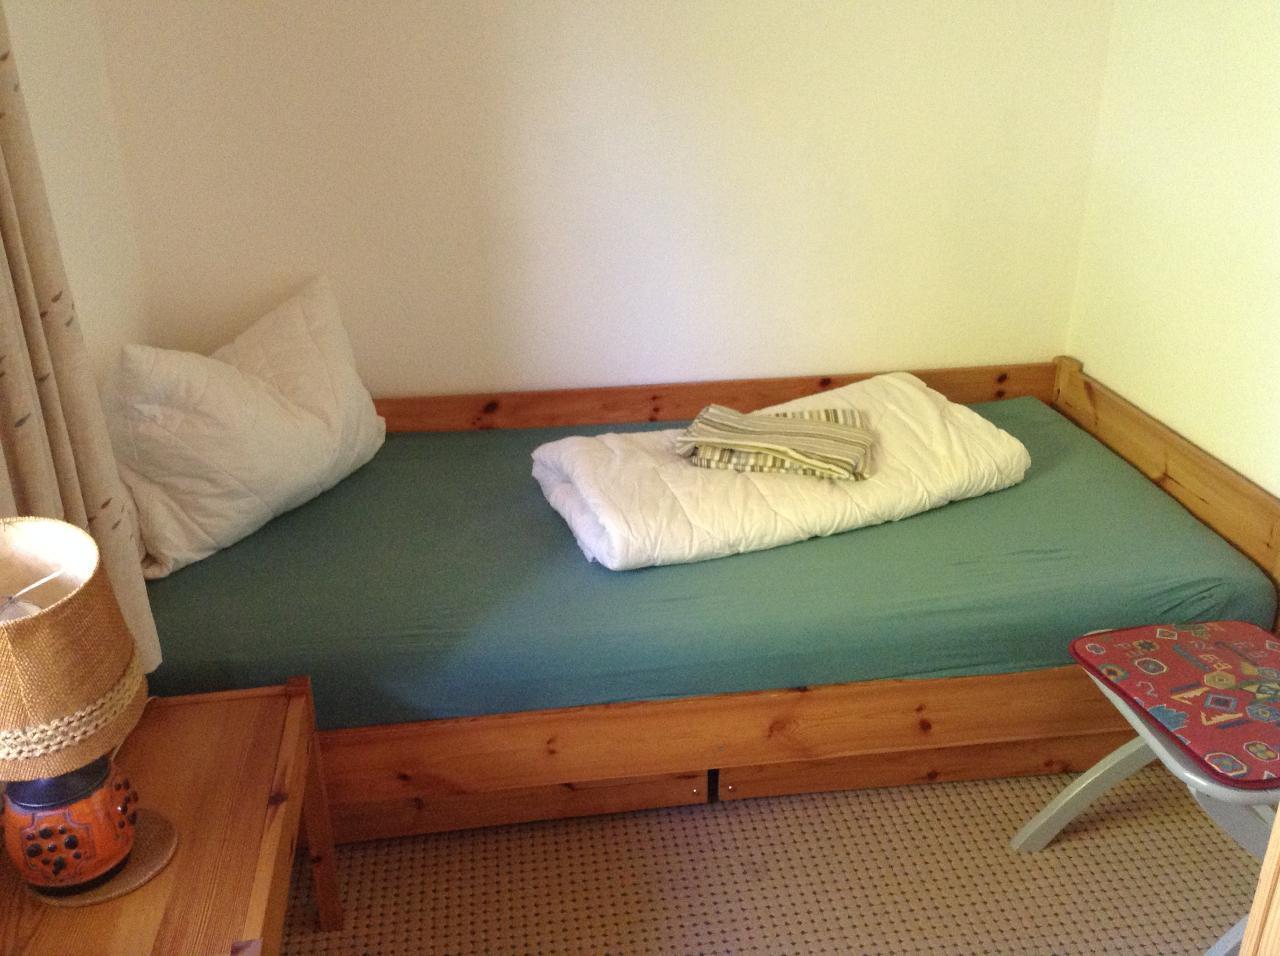 Einzelbett-Schlafzimmer (90x200 cm)